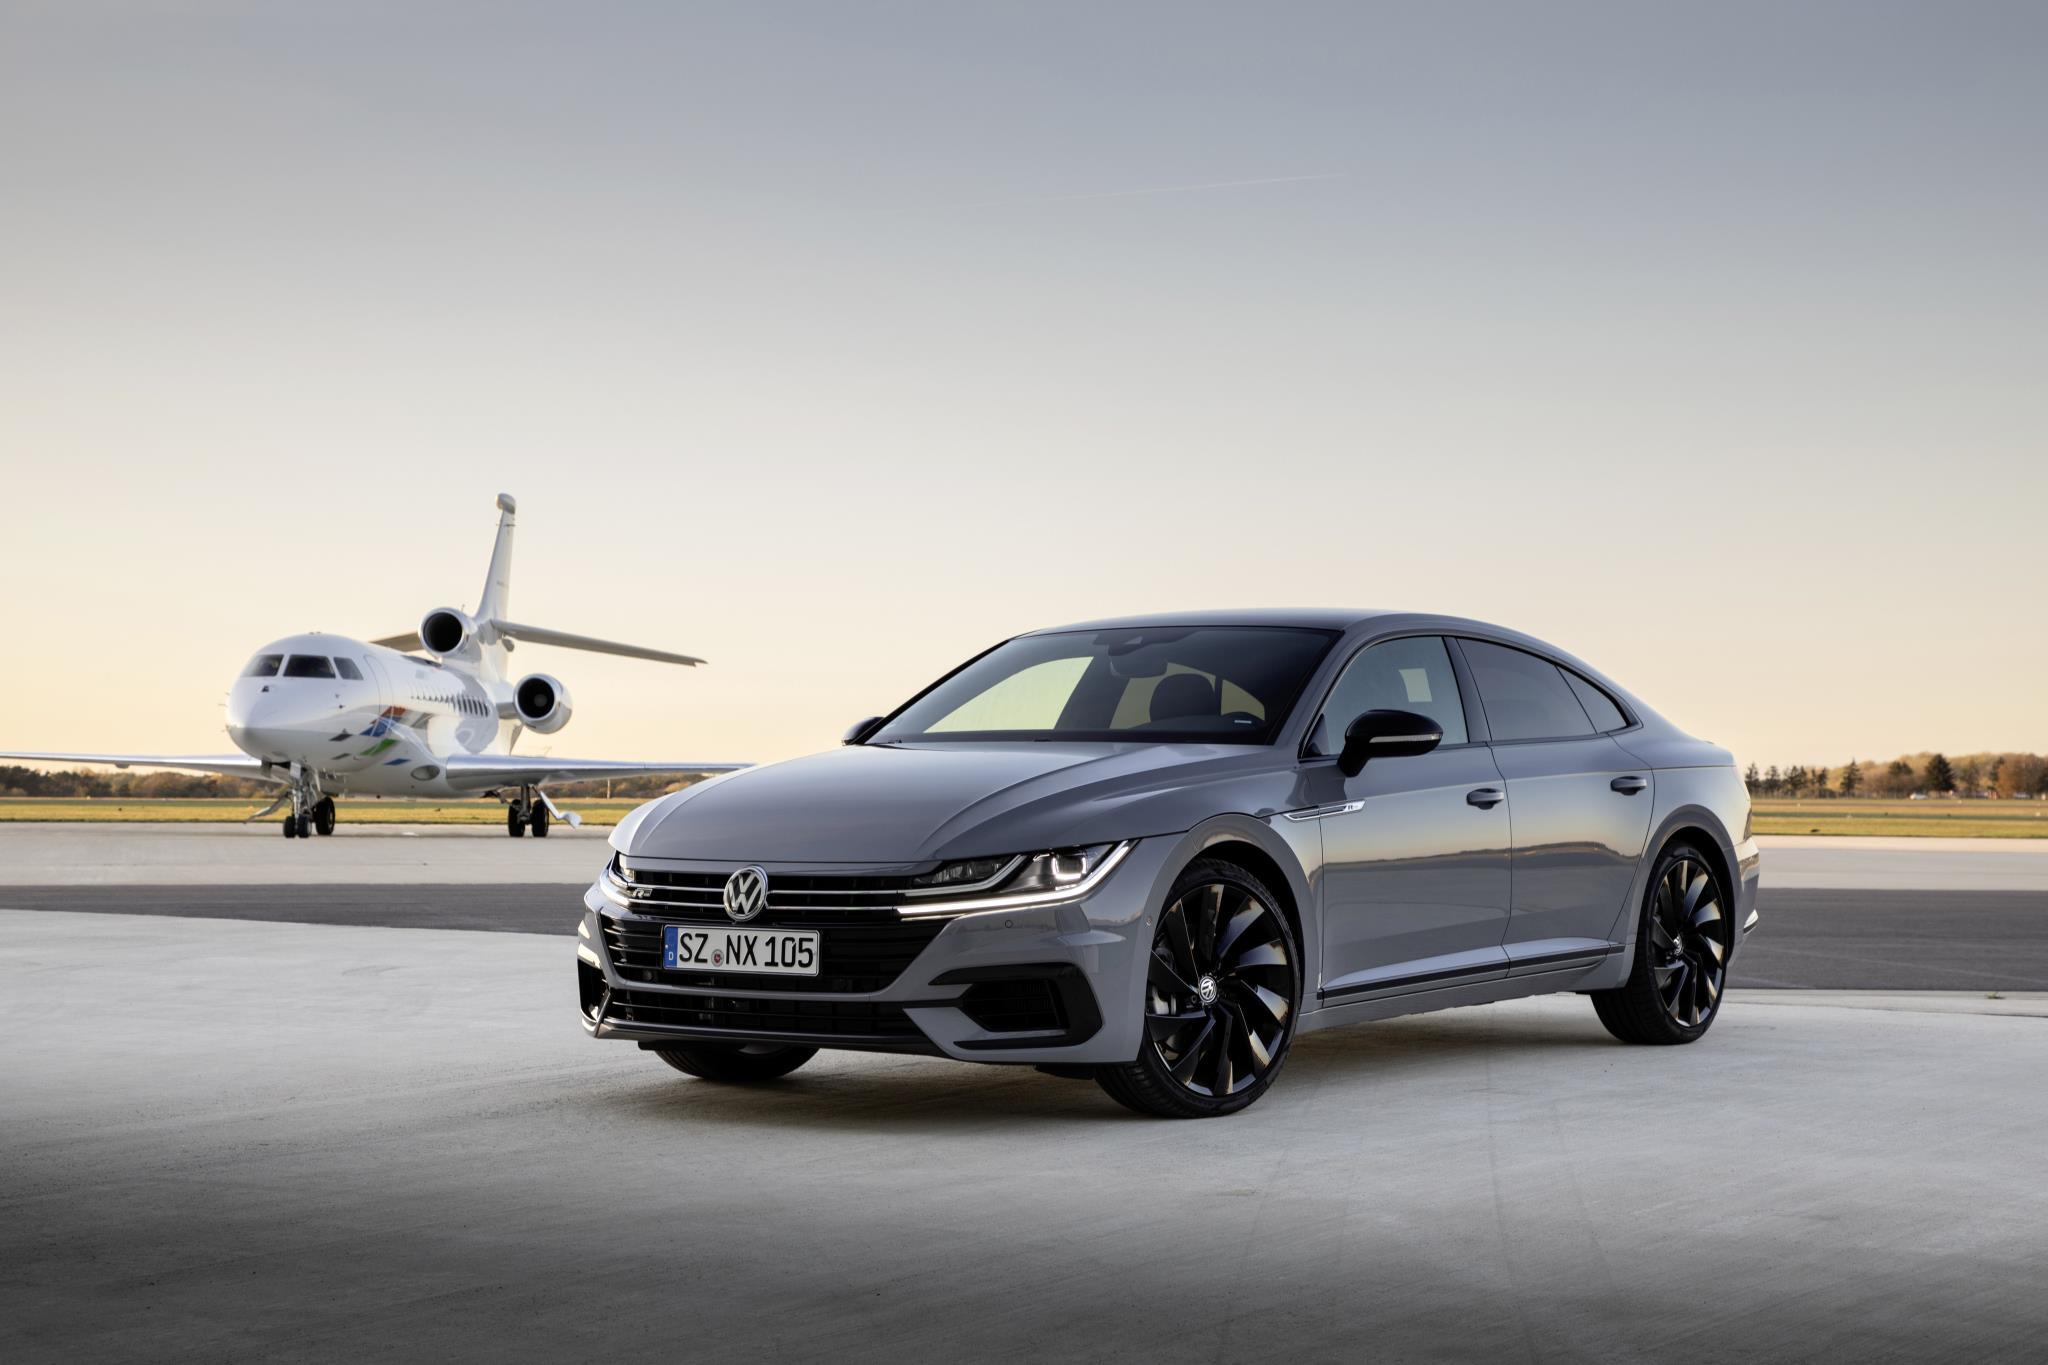 Volkswagen llança una versió exlusiva de l'Arteon